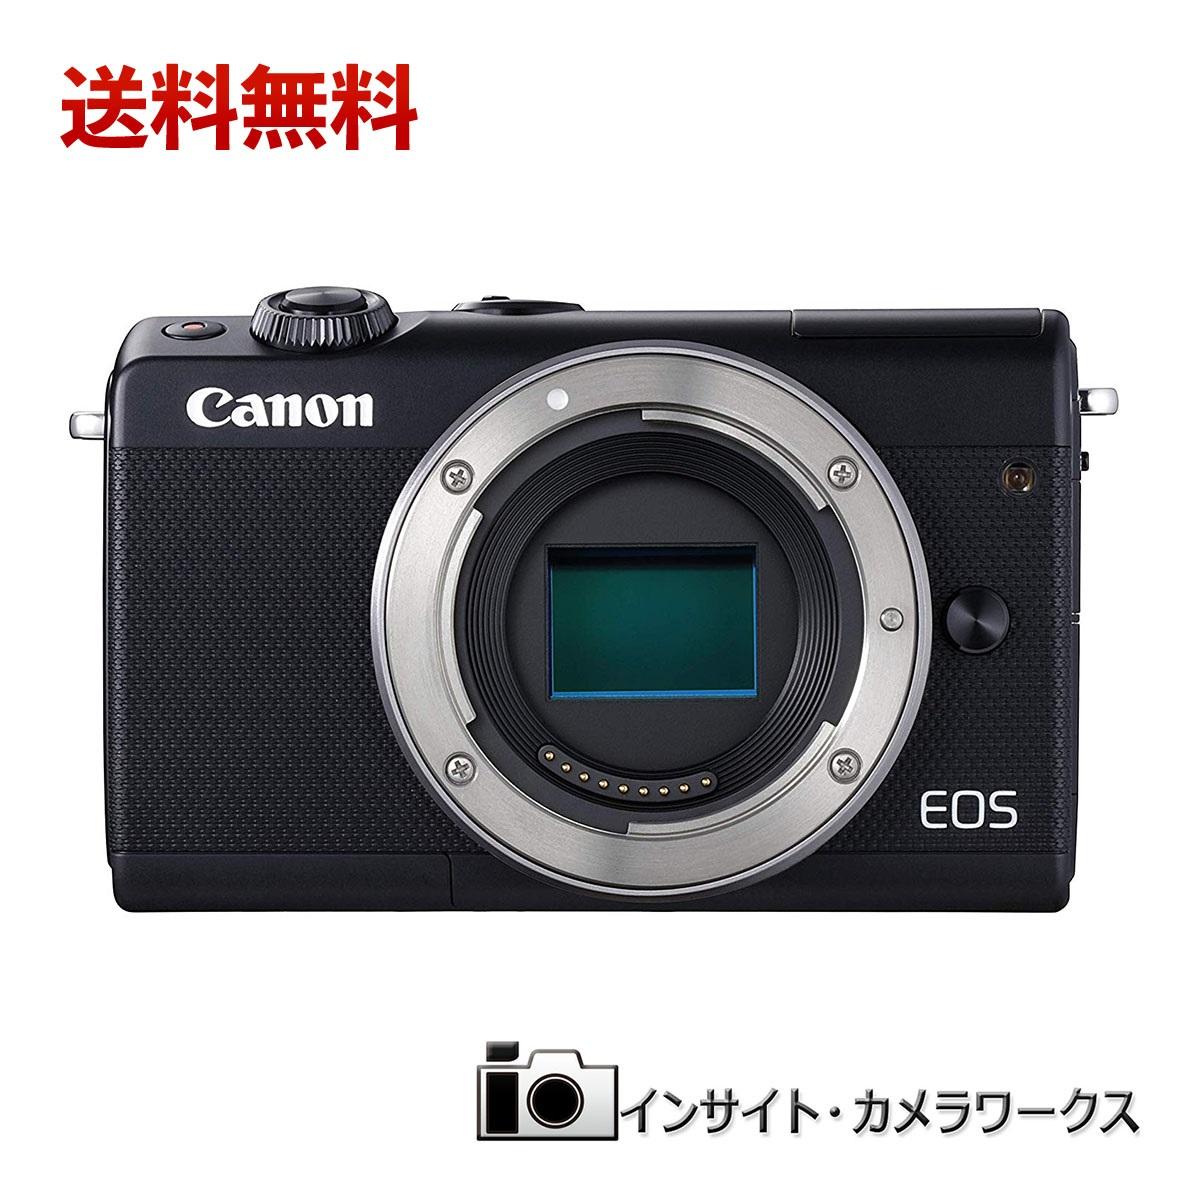 【特別価格】Canon ミラーレス一眼カメラ EOS M100 ボディ ブラック EOSM100BK-BODY キヤノン イオス